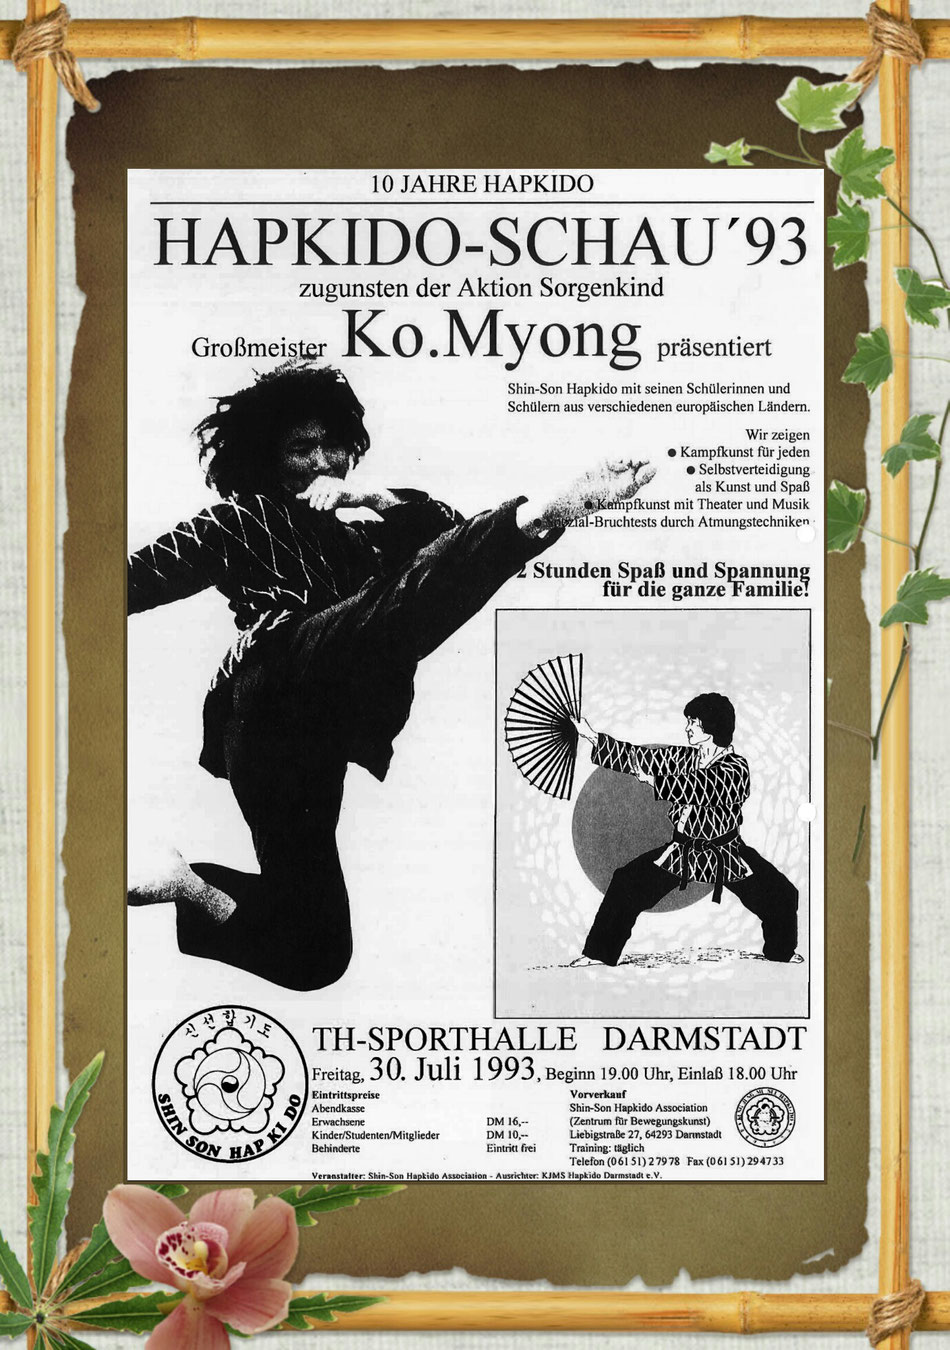 Erol Alp und 10 Jahre Hapkido Hapkido-Schau´ 93 zugunsten der Aktion Sorgenkind Plakat mit Großmeister Ko. Myong präsentiert Shin-Son Hapkido in Darmstadt 30.07.1993